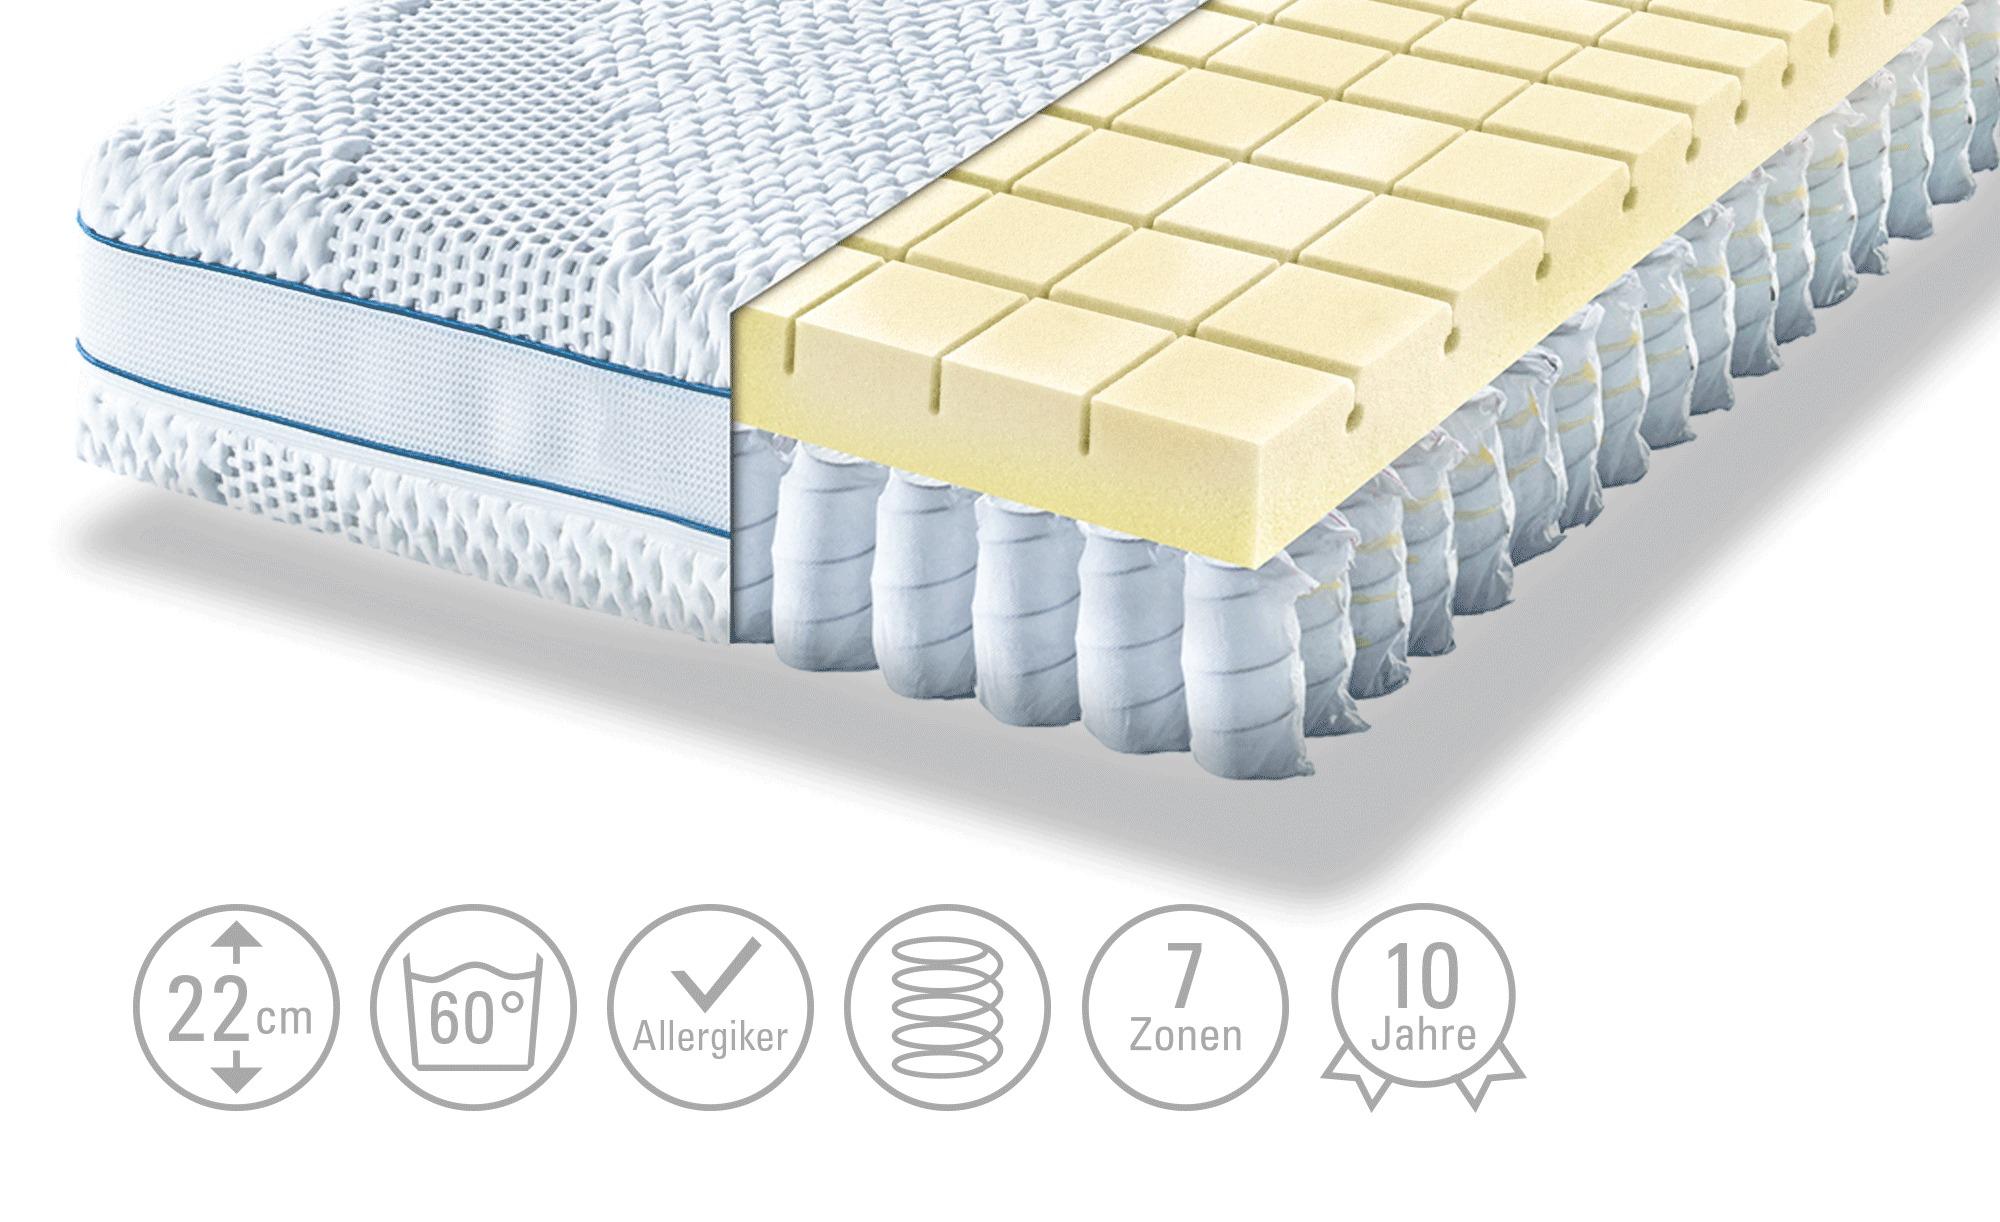 Möve Tonnentaschenfederkern - Matratze  Aqua Top T - weiß - 180 cm - 22 cm - Matratzen & Zubehör > Federkernmatratzen - Möbel Kraft   Schlafzimmer > Matratzen > Federkernmatratzen   Möve